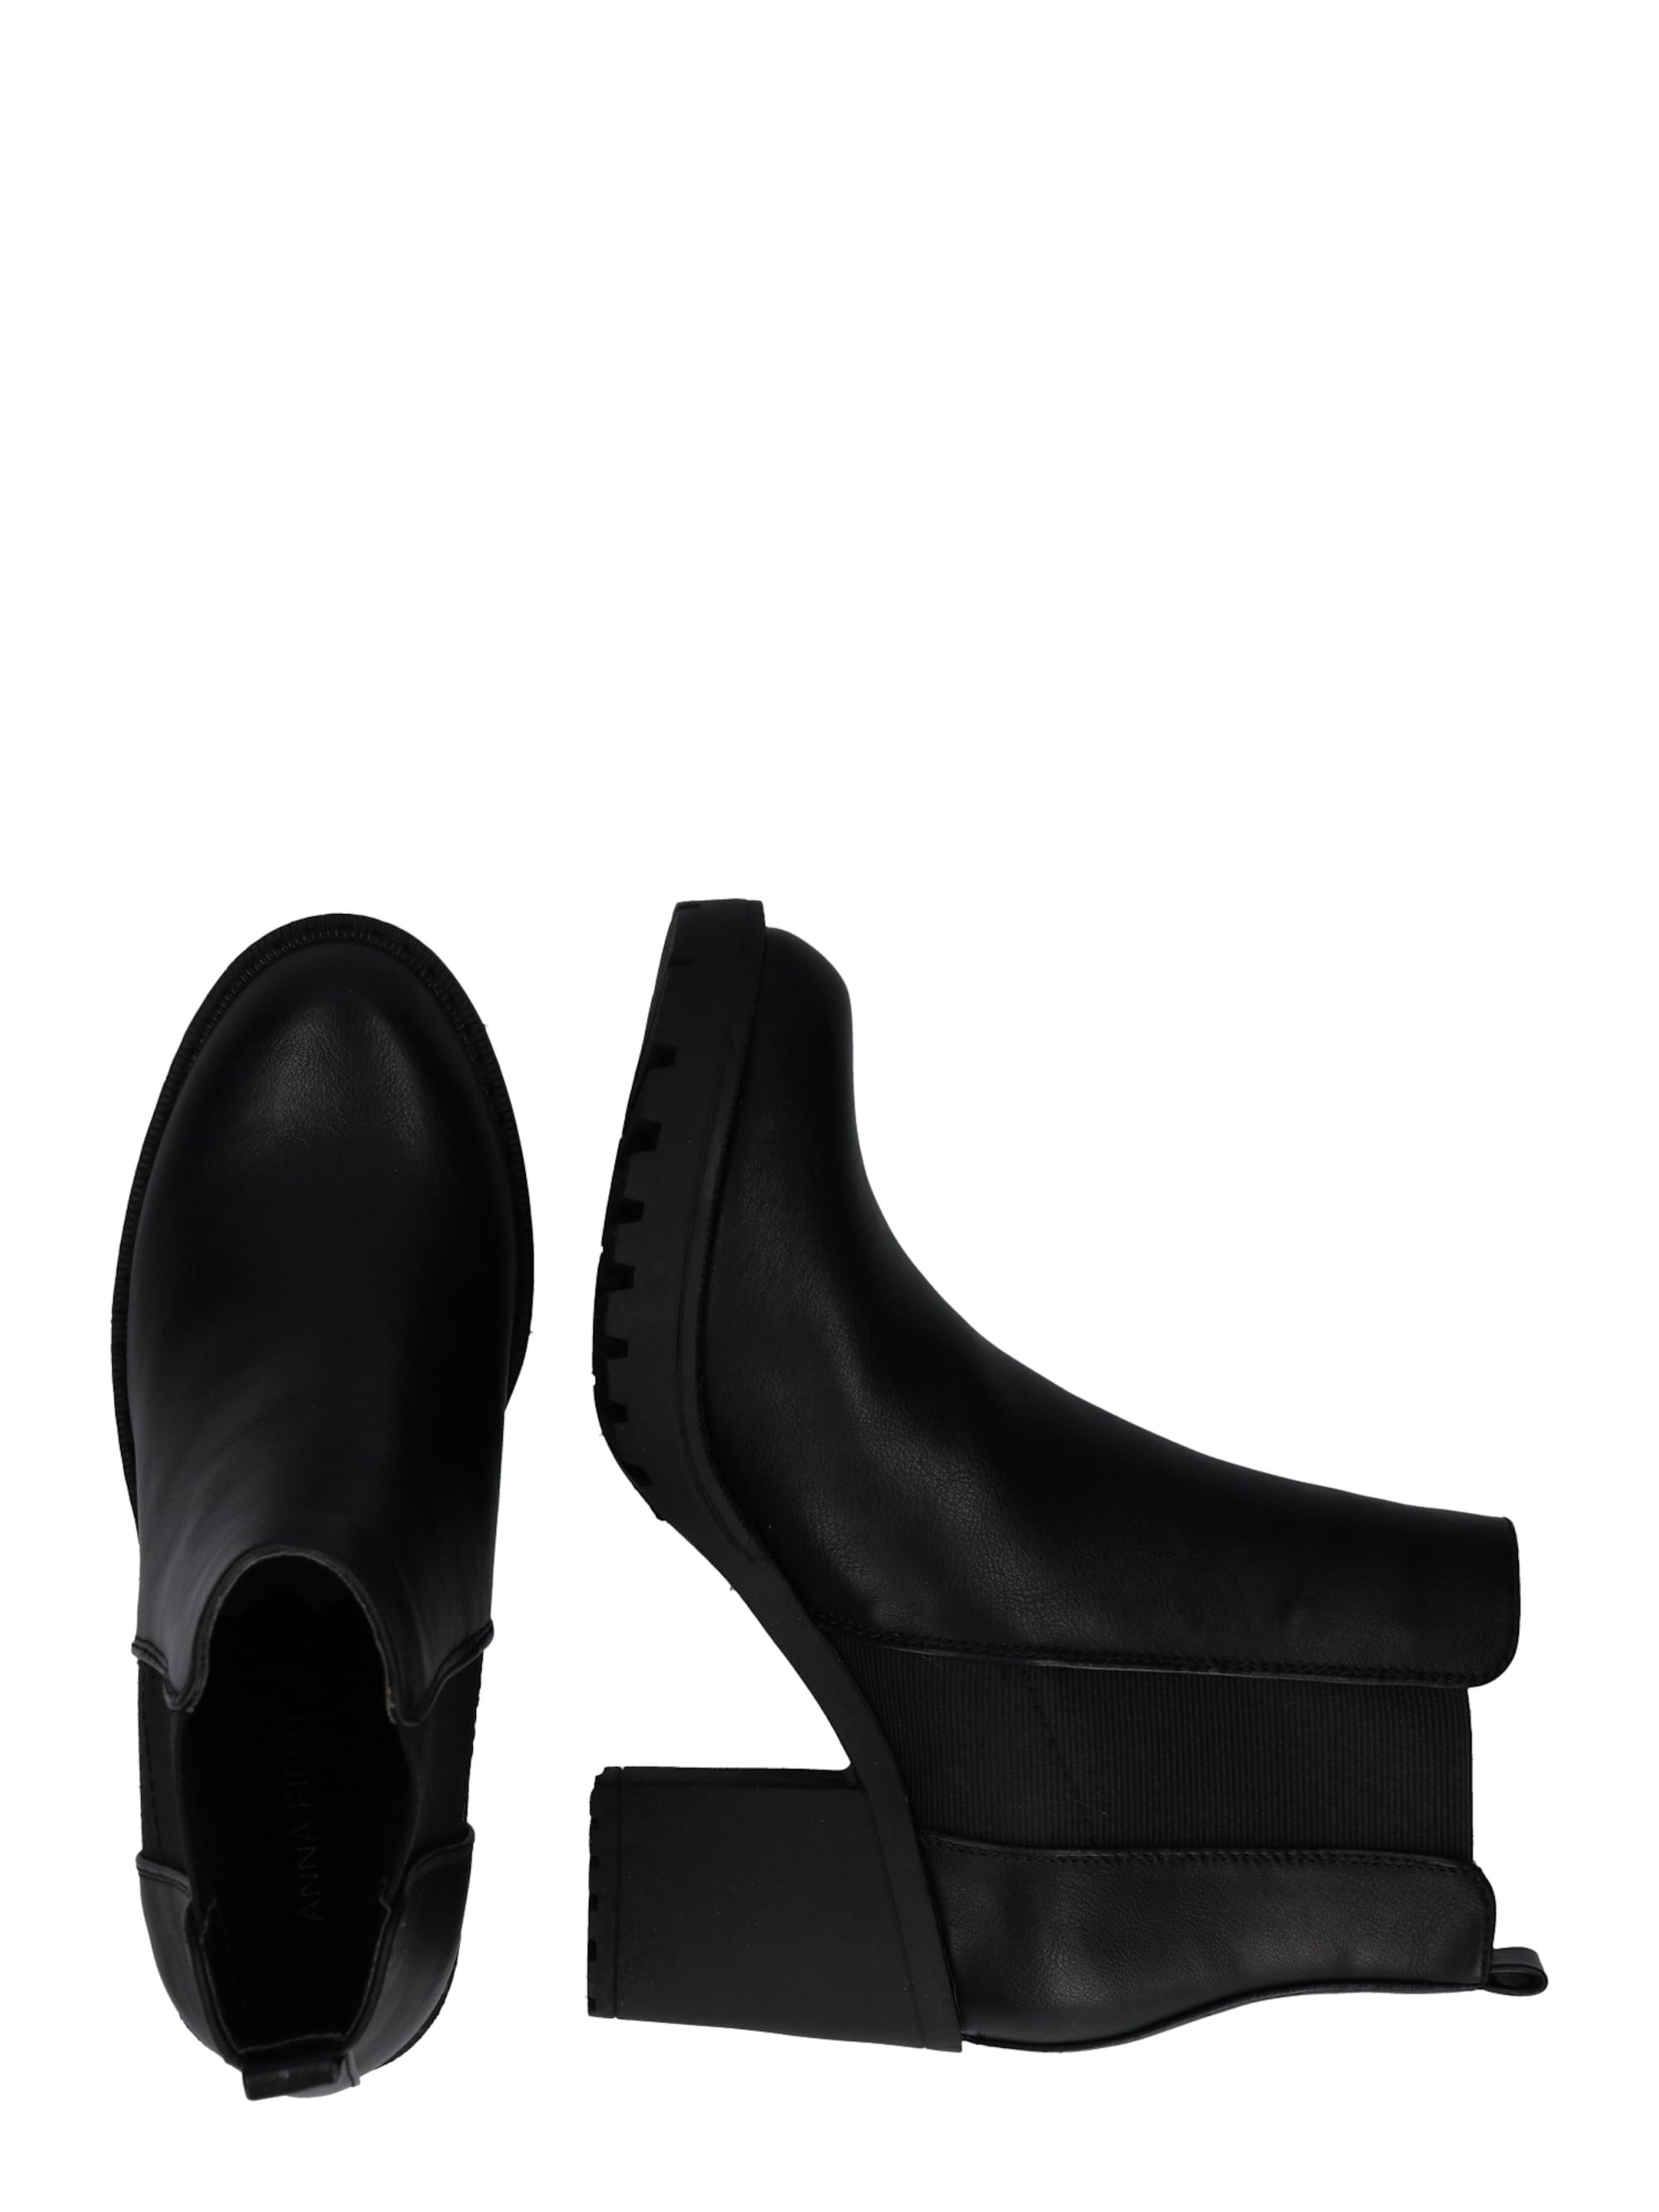 Chelsea boots 'Benta'